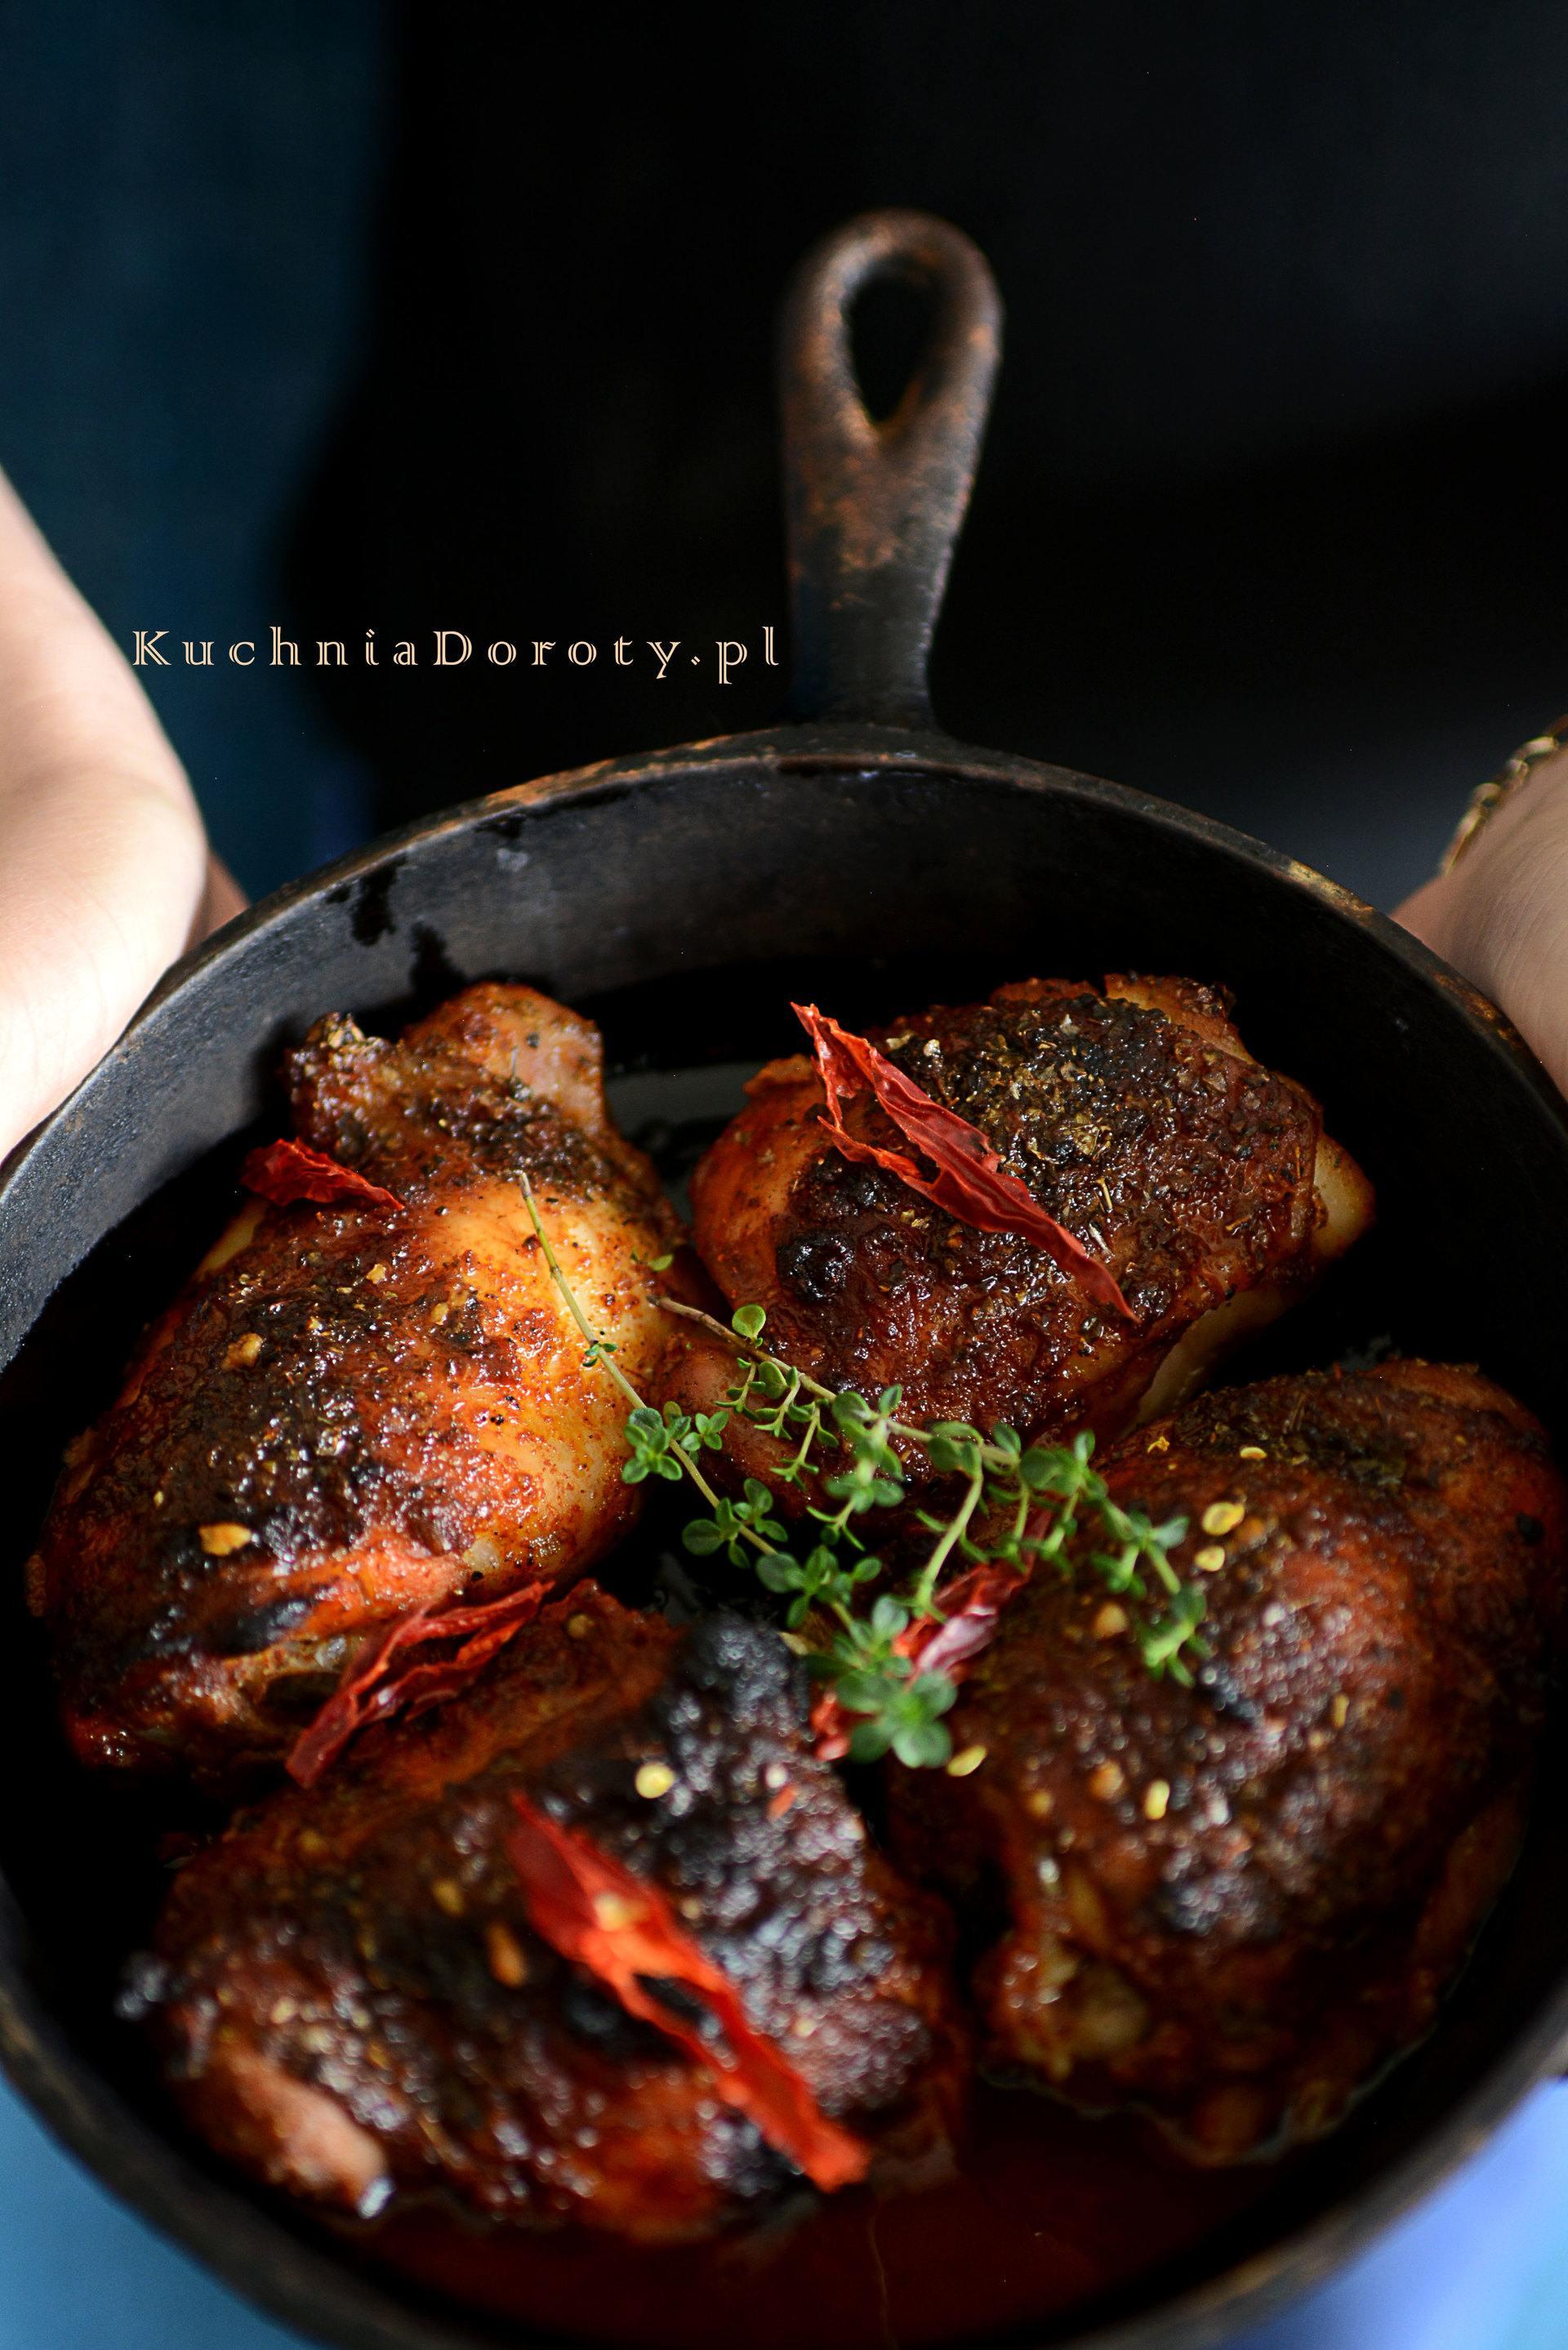 danie zkurczaka zfilmem, kurczak pieczony, kurczak, przepisy nakurczaka, kurczak, przepis nakurczaka, kurczak przepis, kurczak przepisy, pomysły naobiad, przepisy, kurczak duszony, kurczak duszony przepisy , kurczak pieczony, obiady domowe, szybki obiad, obiad szybki przepis, kurczak, przepis nakurczaka, kurczak przepis, kurczak przepisy, pomysły naobiad, przepisy, kurczak duszony, kurczak duszony przepisy , kurczak pieczony, obiady domowe, szybki obiad, obiad szybki przepis